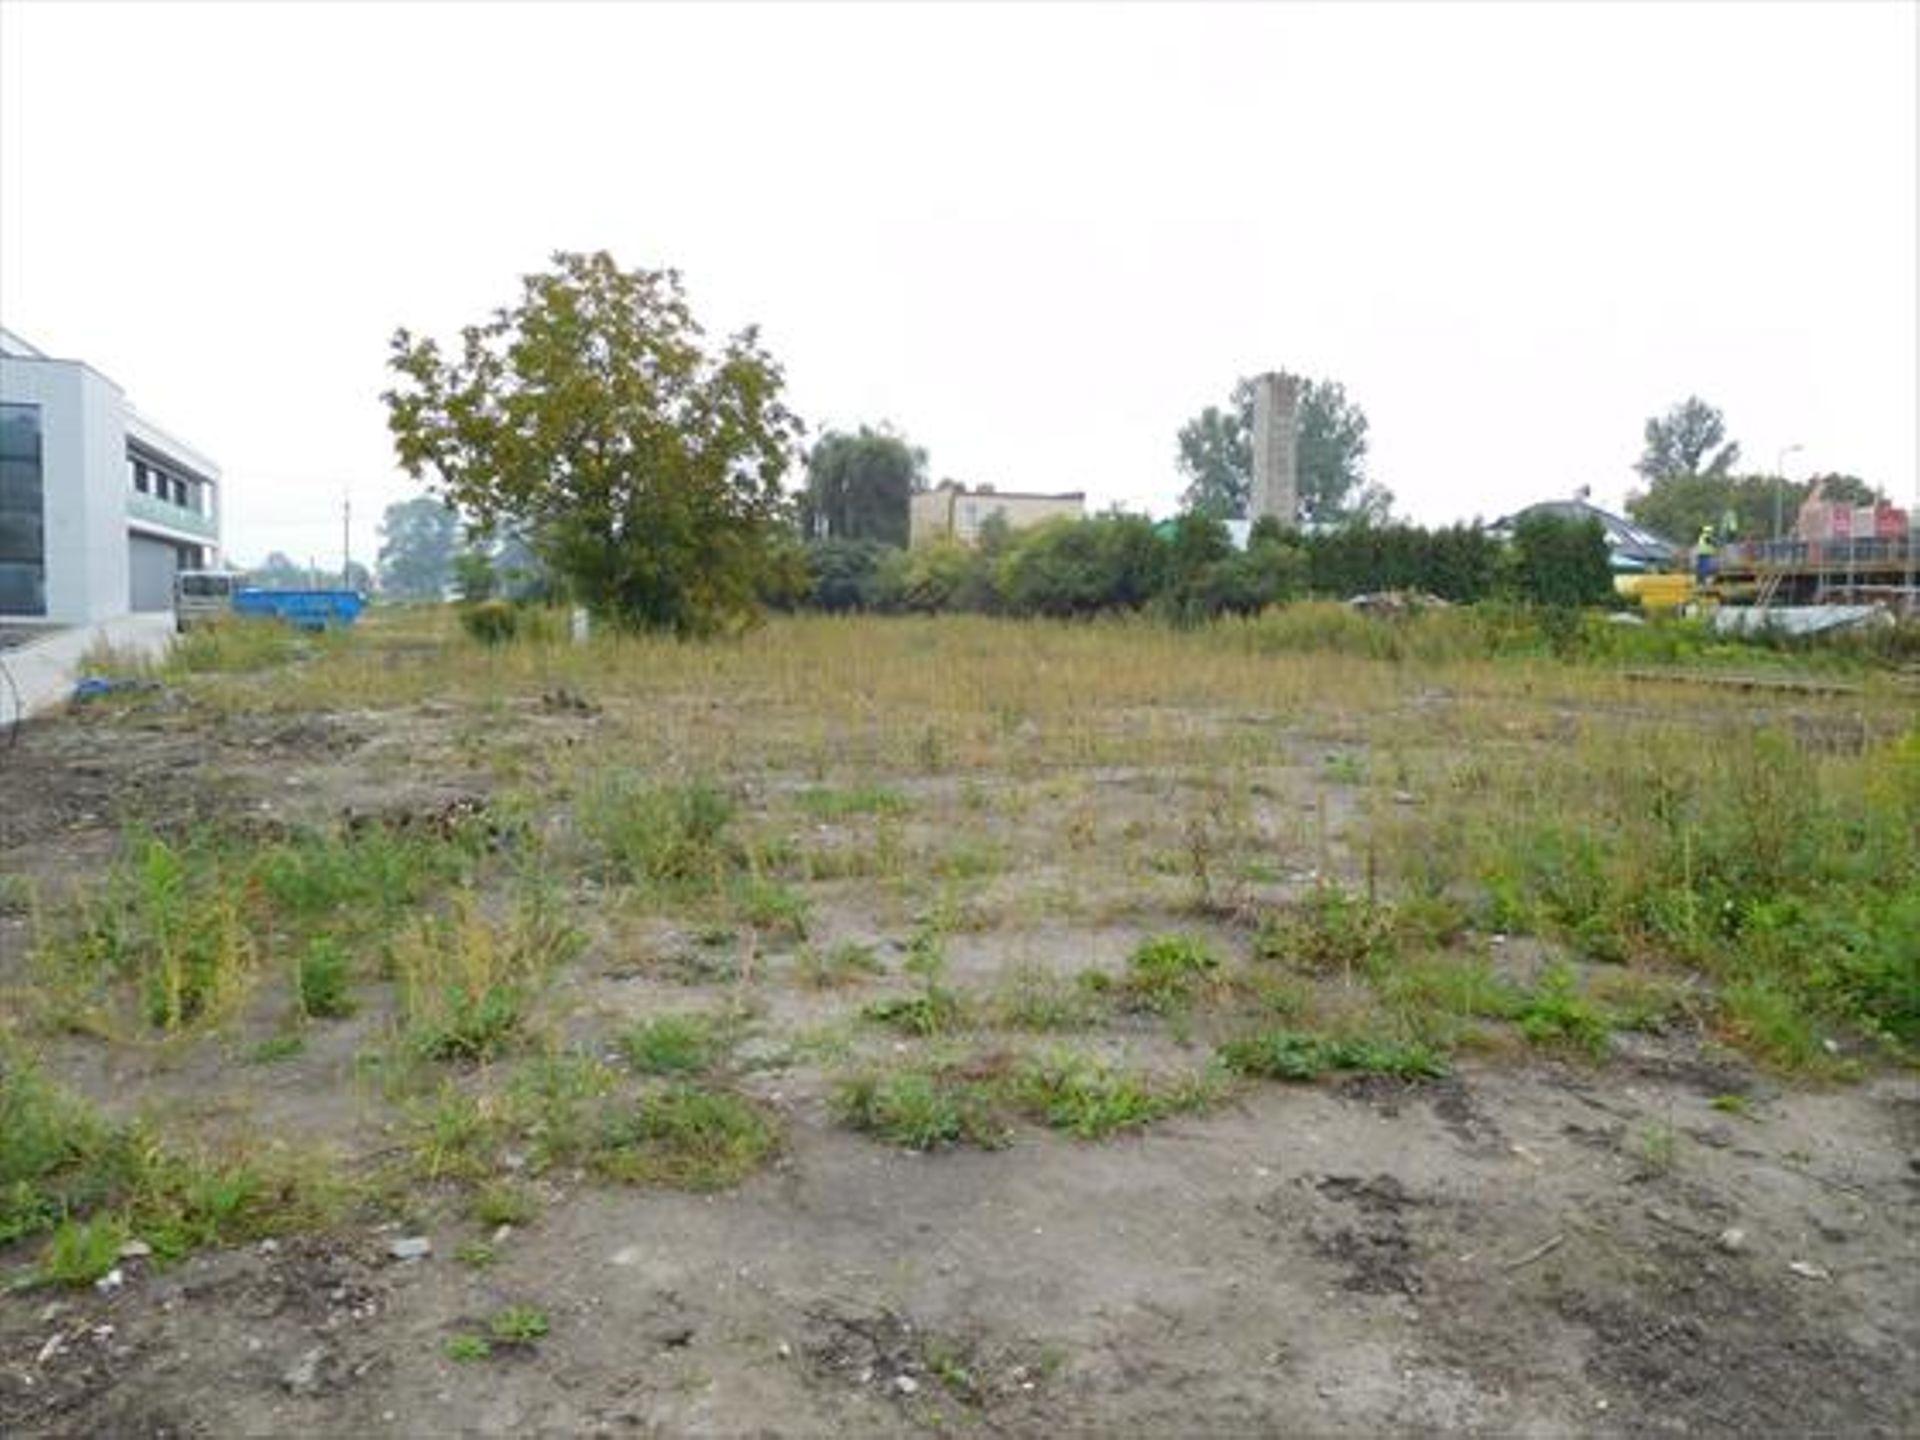 Wrocław: Deweloper szykuje się do budowy osiedla na Ołtaszynie. Teren odkupił od miasta